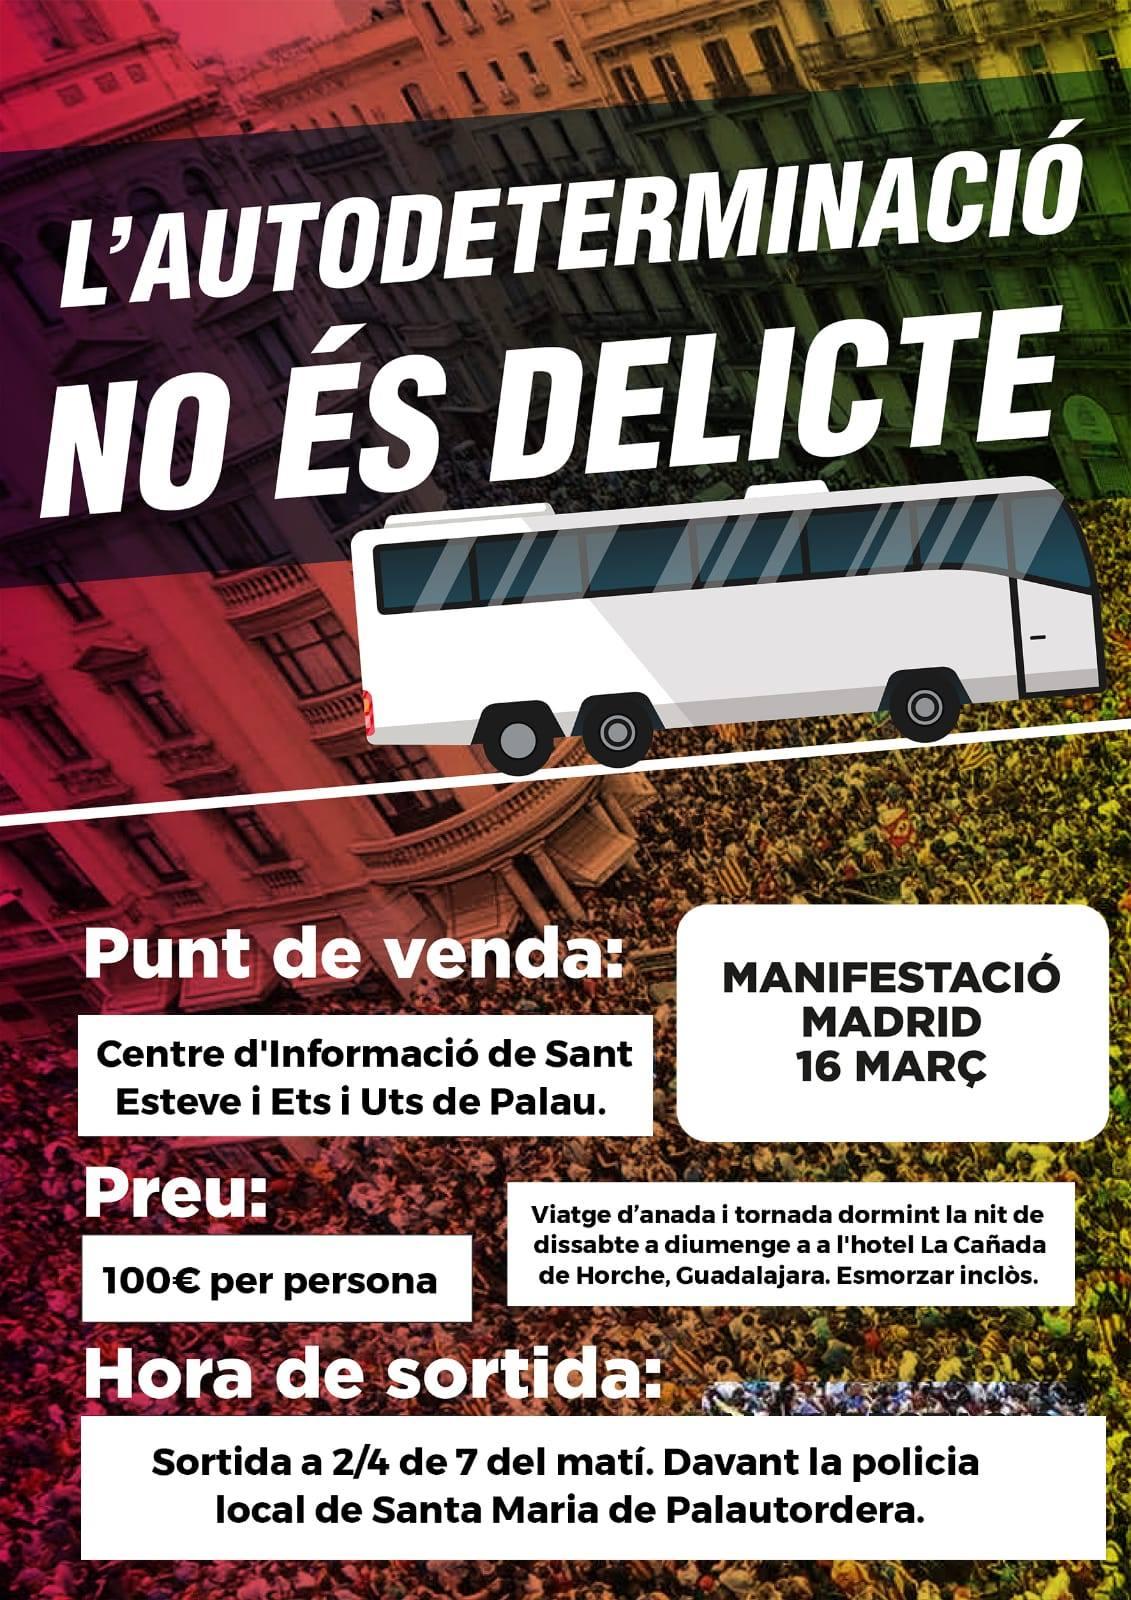 Autocar a Madrid des de Palautordera